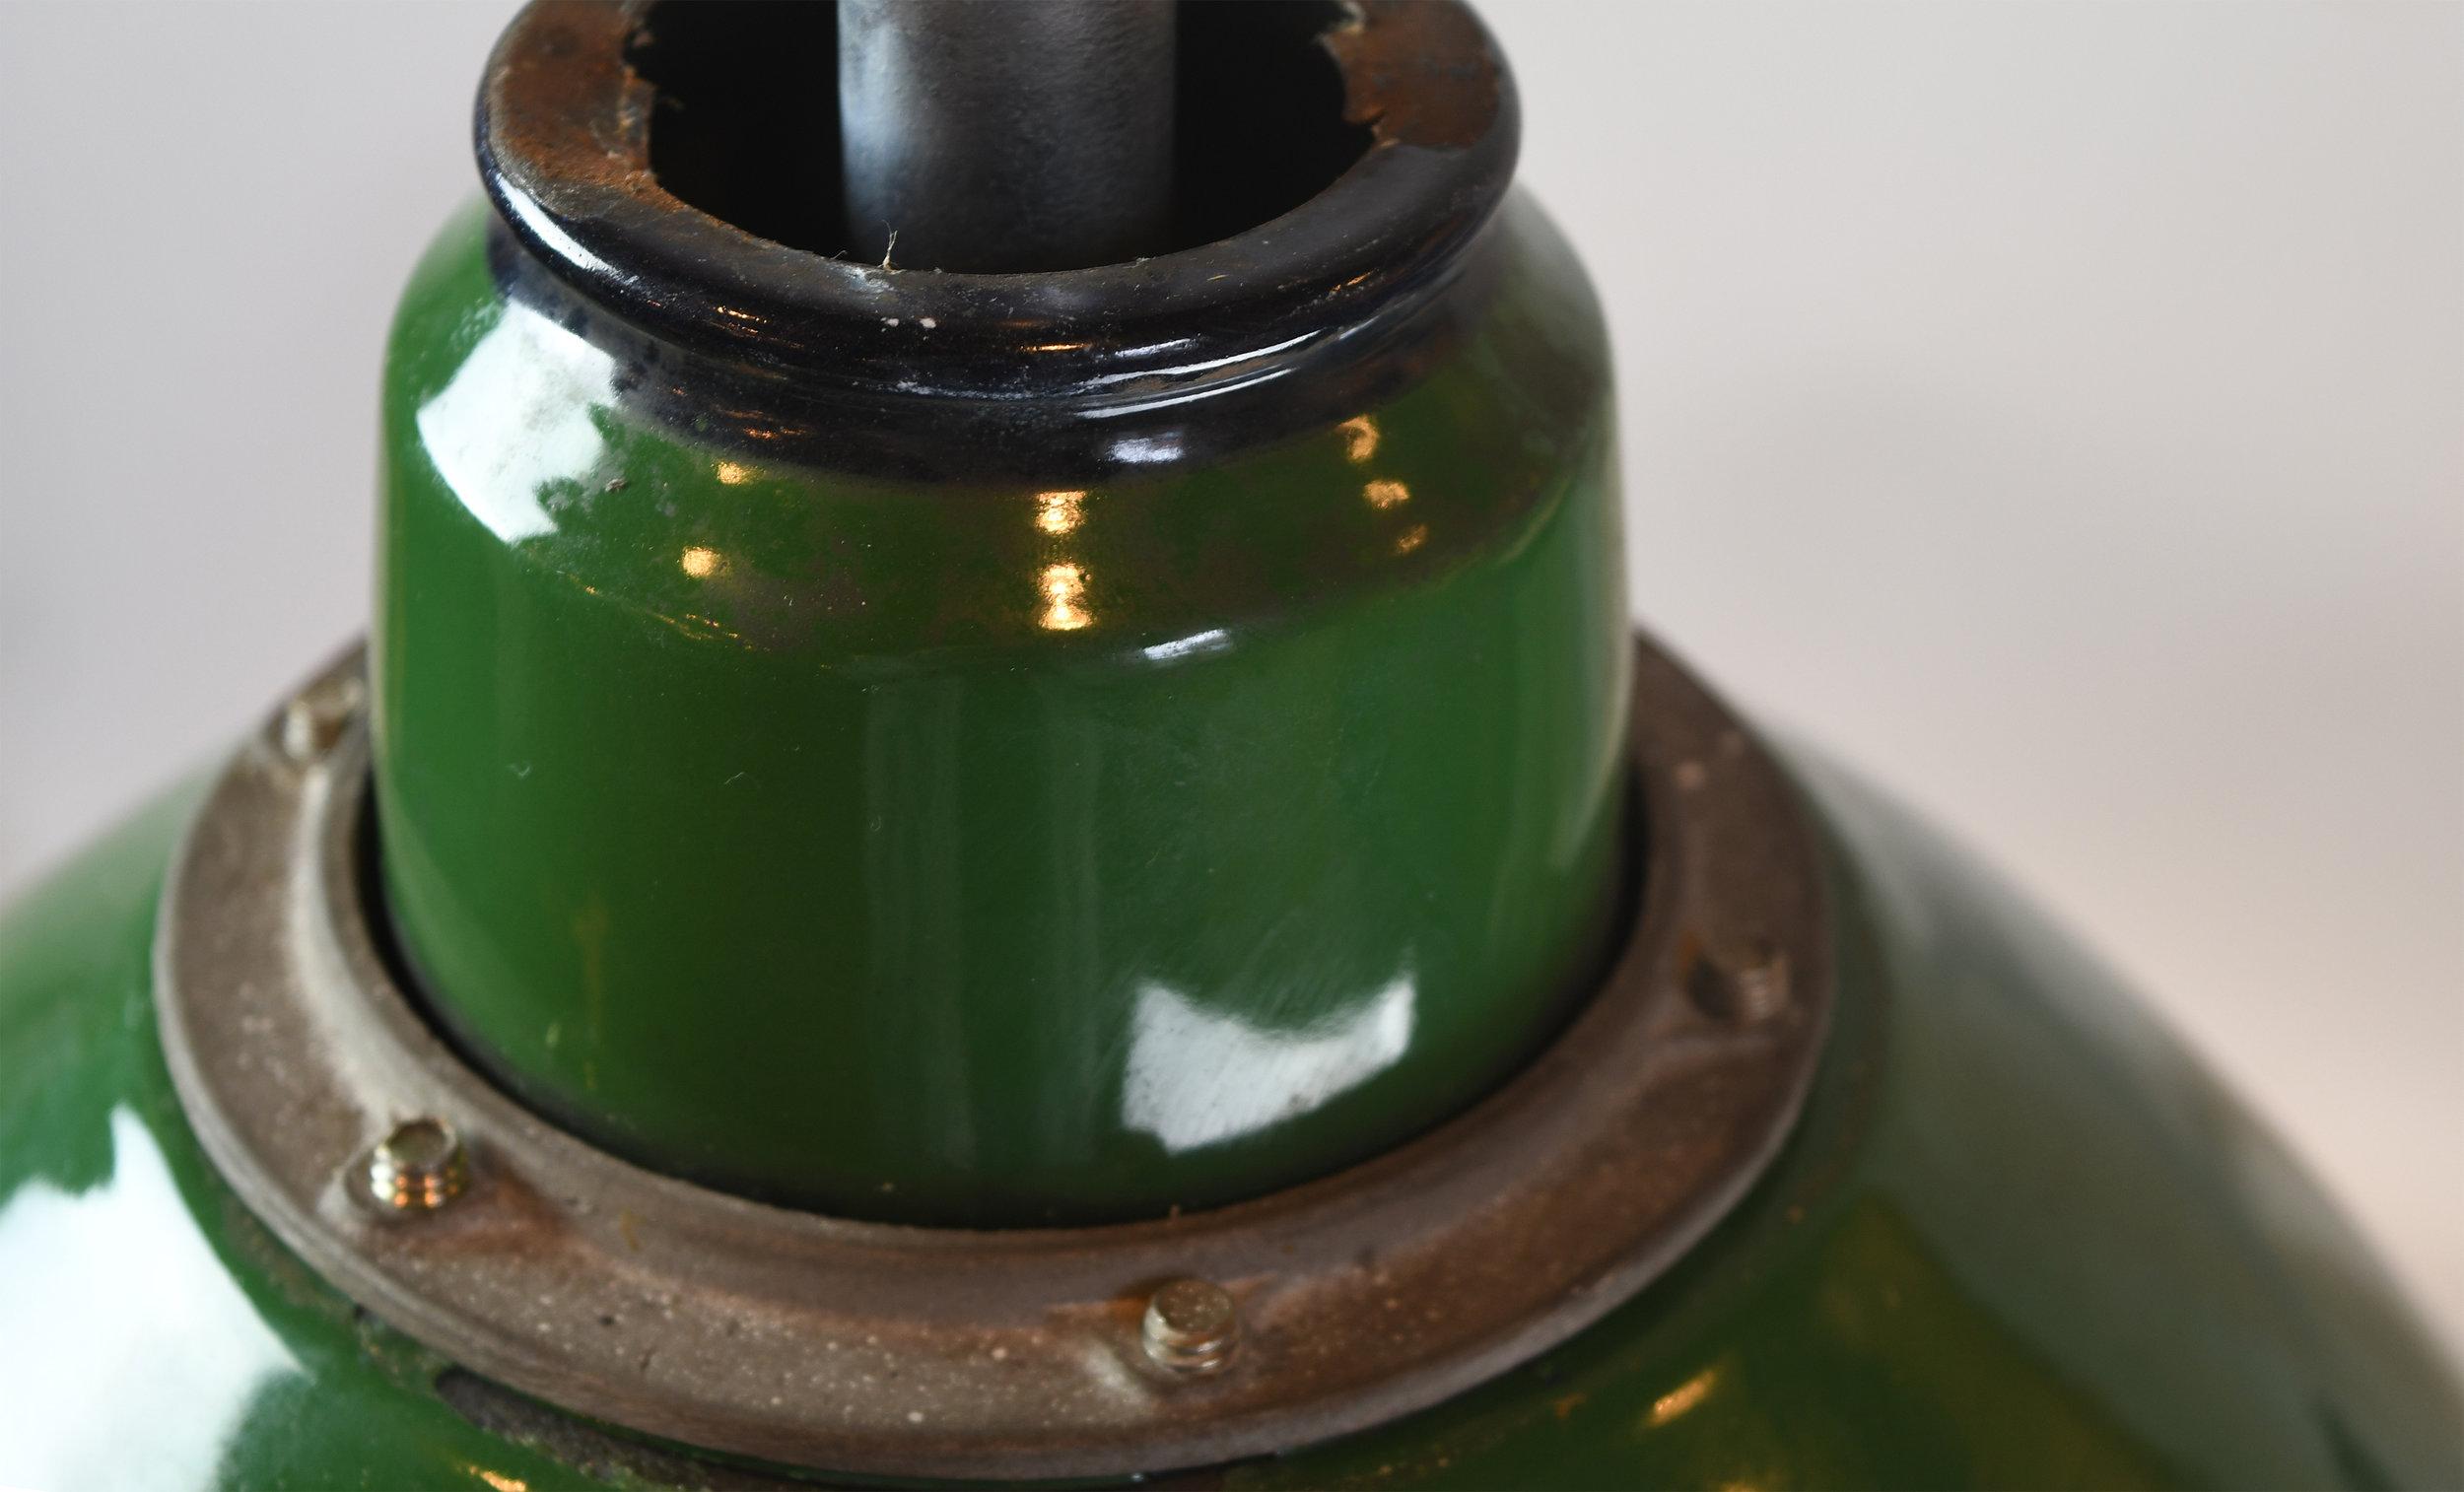 47528-green-enamel-warehouse-light-detail-10.jpg